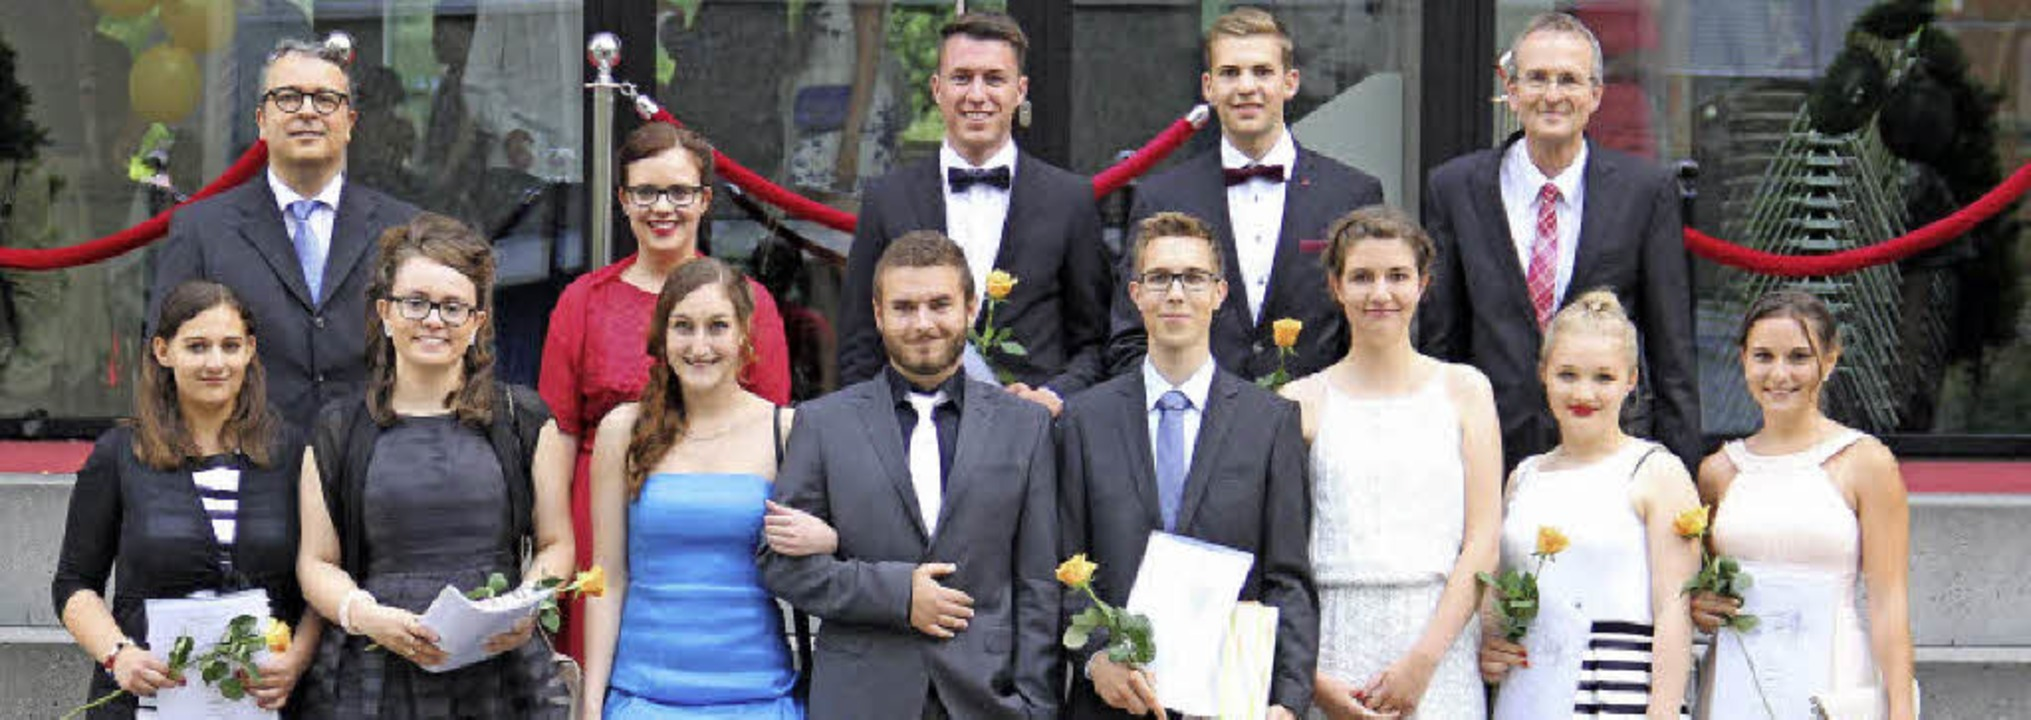 Preisträgerinnen und Preisträger am Beruflichen Gymnasium    Foto: Jakob KatzMANN/Heimschule